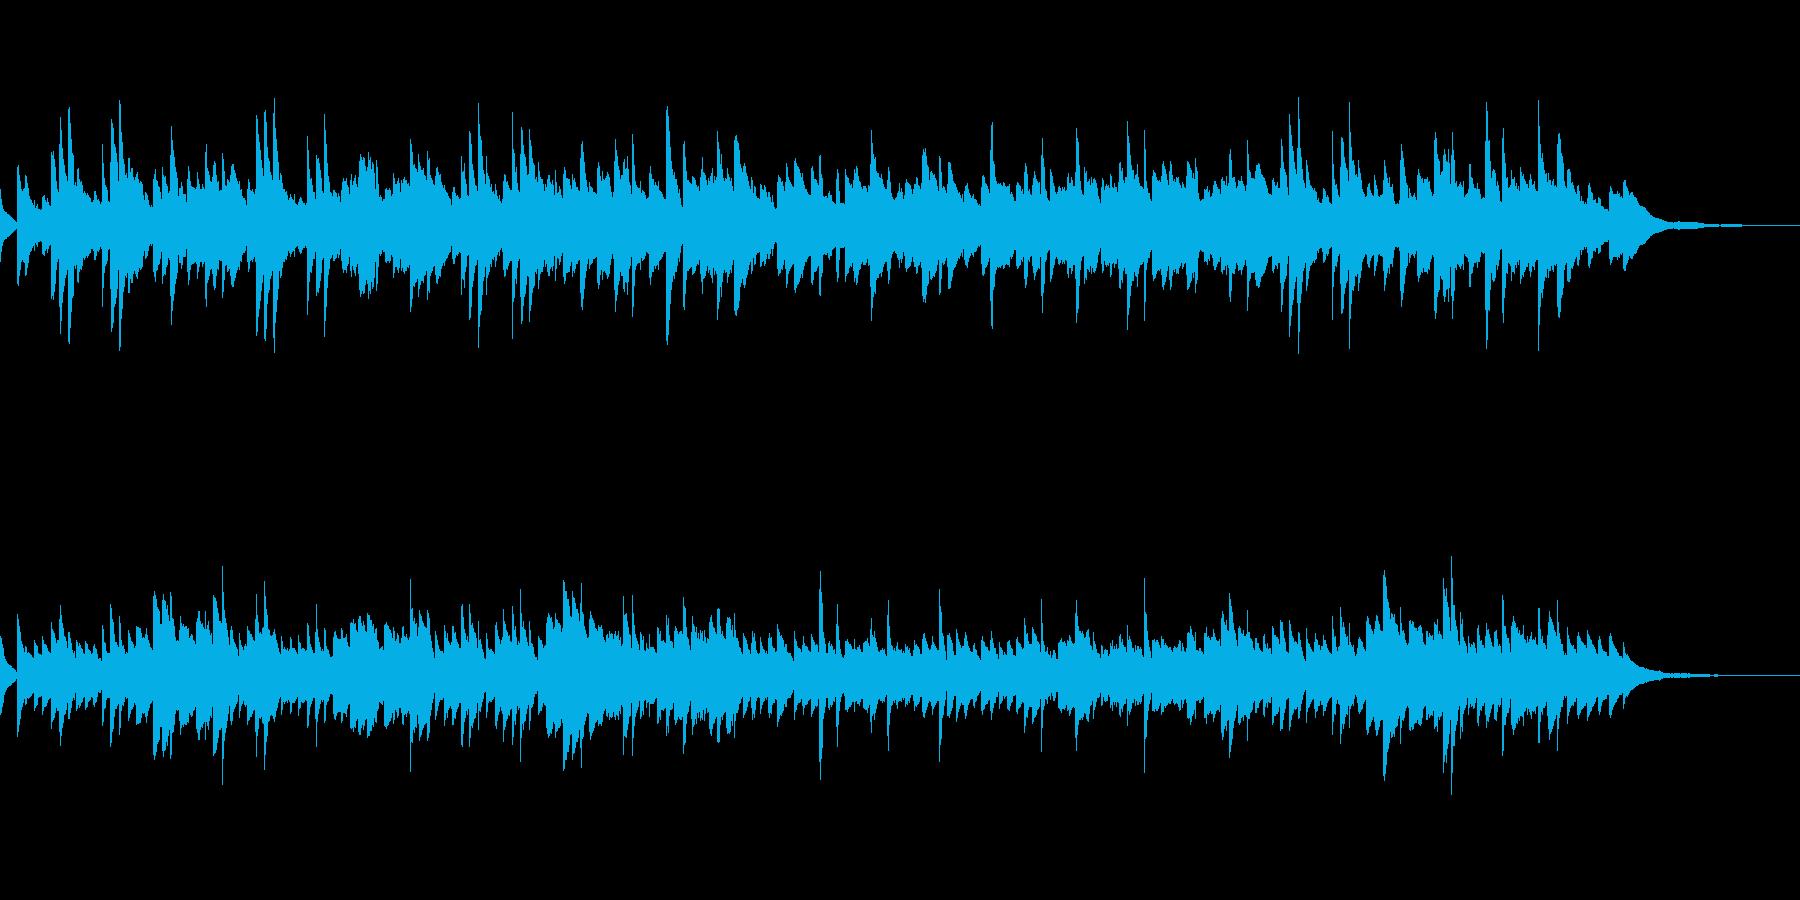 童謡「浜辺の歌」シンプルなピアノソロの再生済みの波形